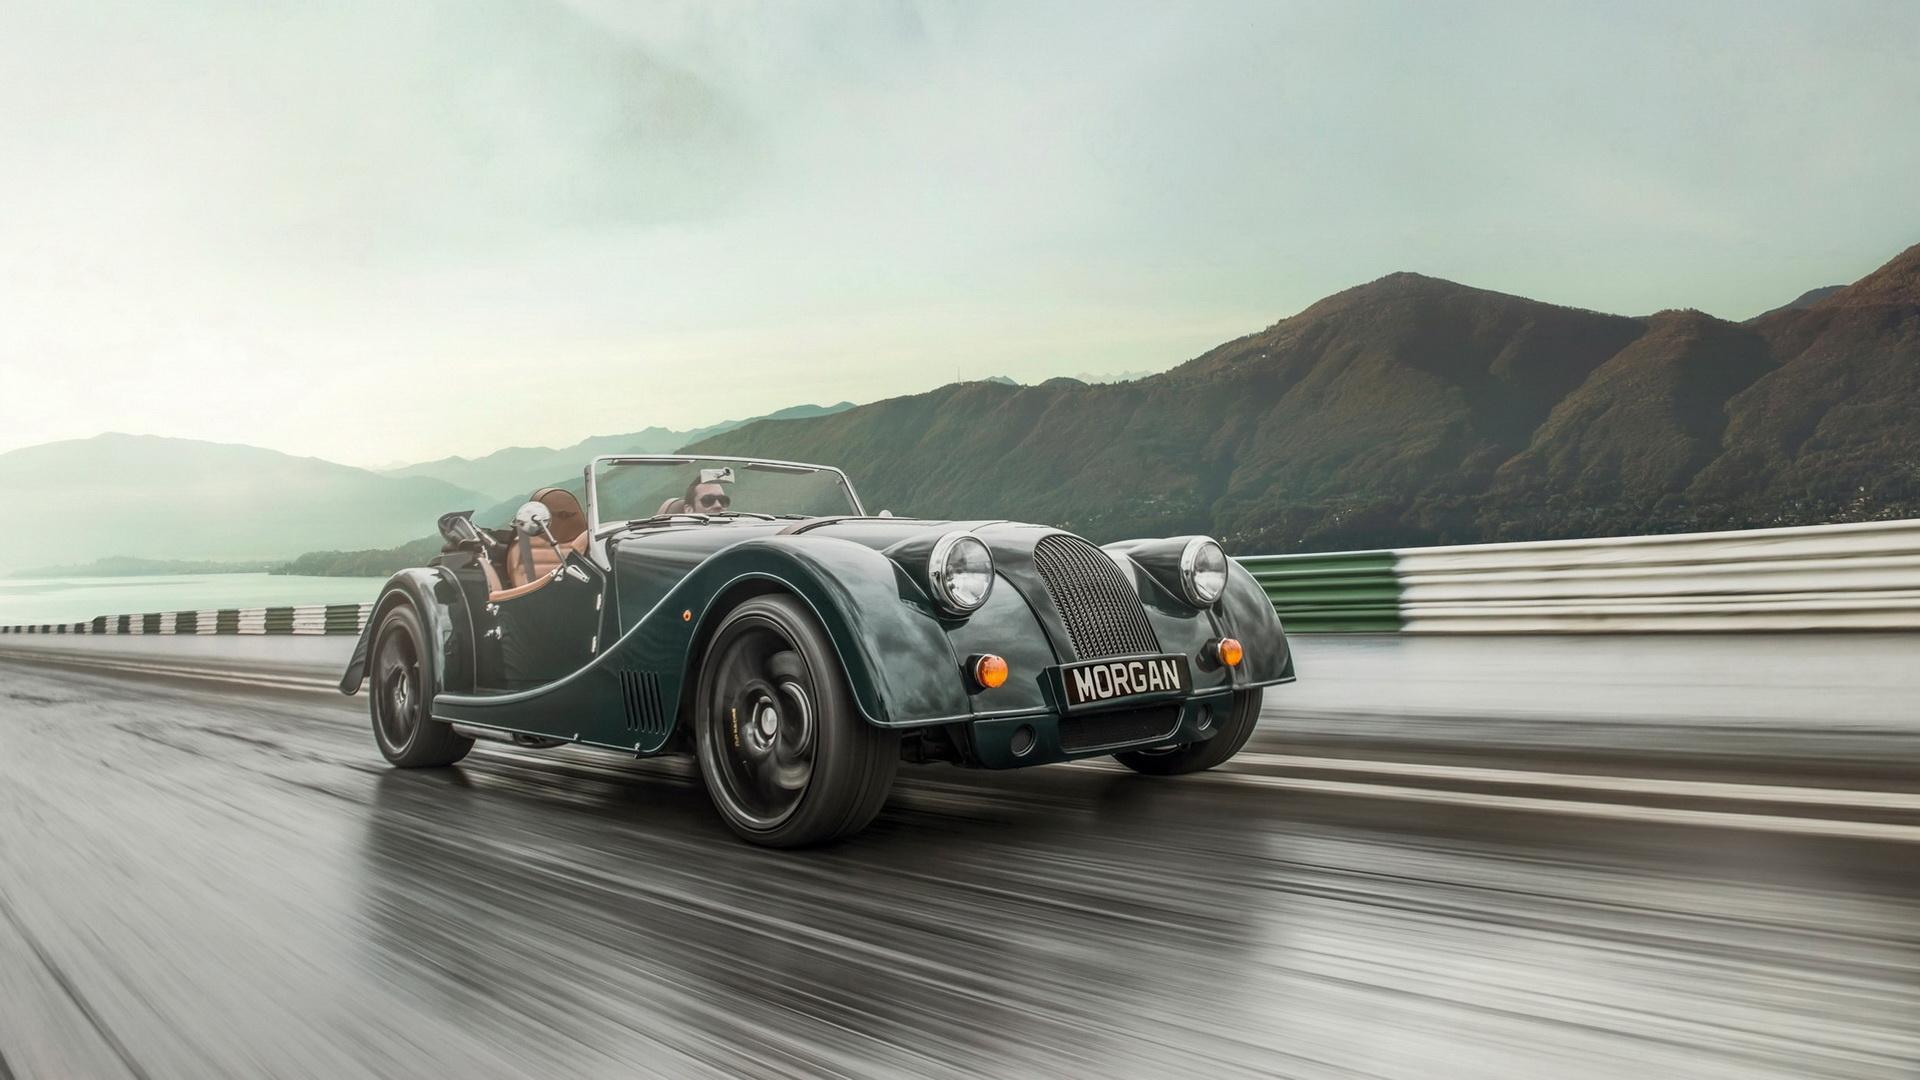 摩根roadster高清复古跑车图片桌面壁纸_图片_猫扑汽车